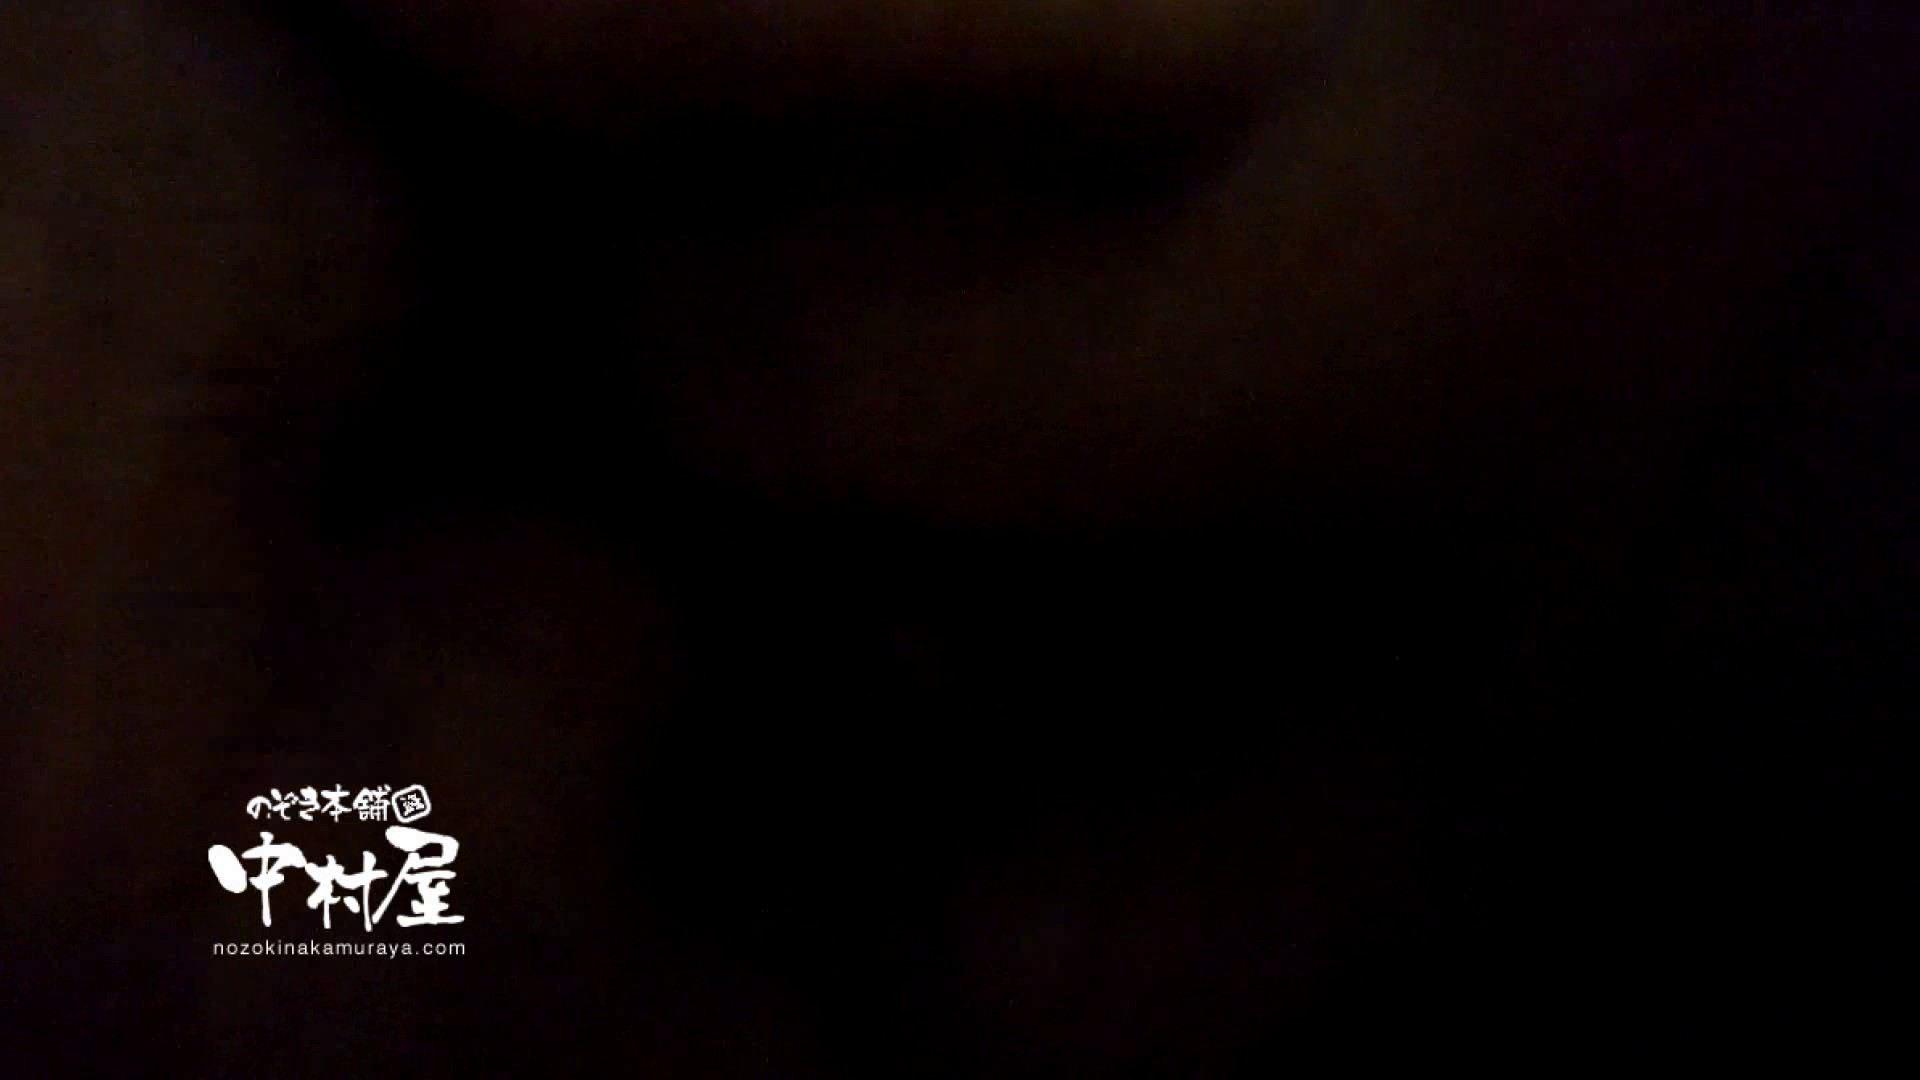 鬼畜 vol.16 実はマンざらでもない柔らかおっぱいちゃん 前編 鬼畜 | OLヌード天国  95PIX 79